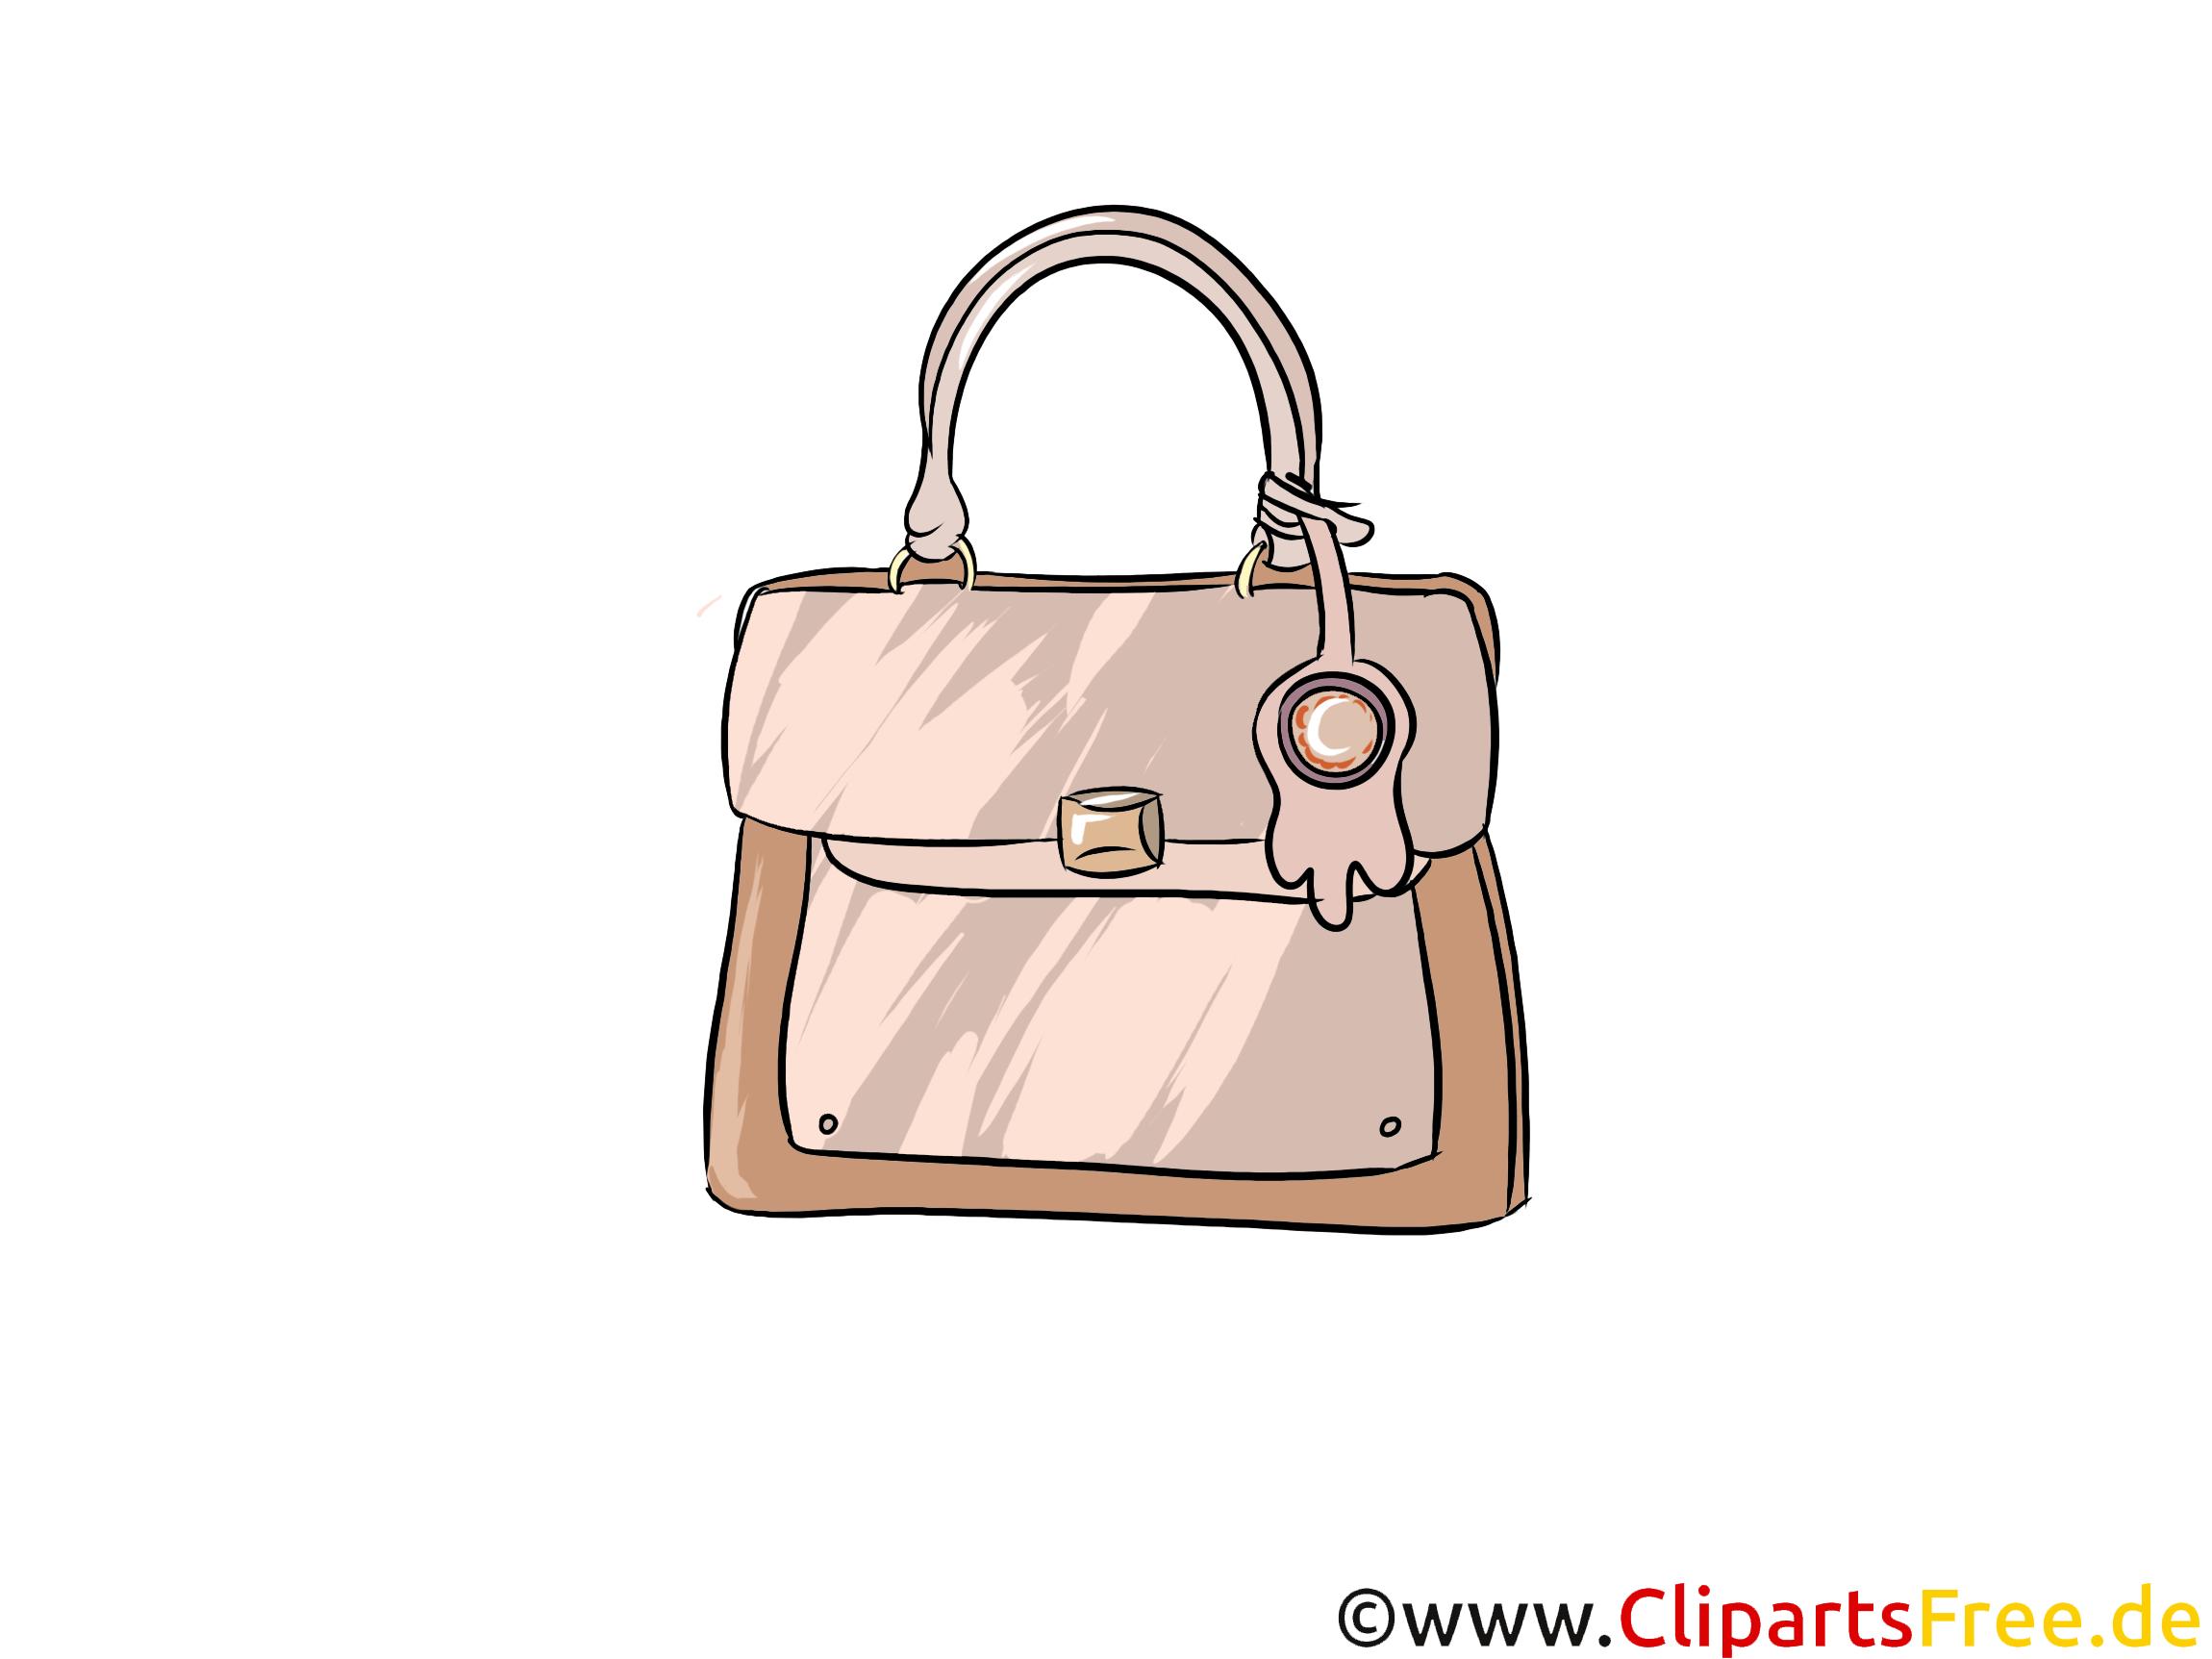 Frauentasche Bild, Illustration, Clipart